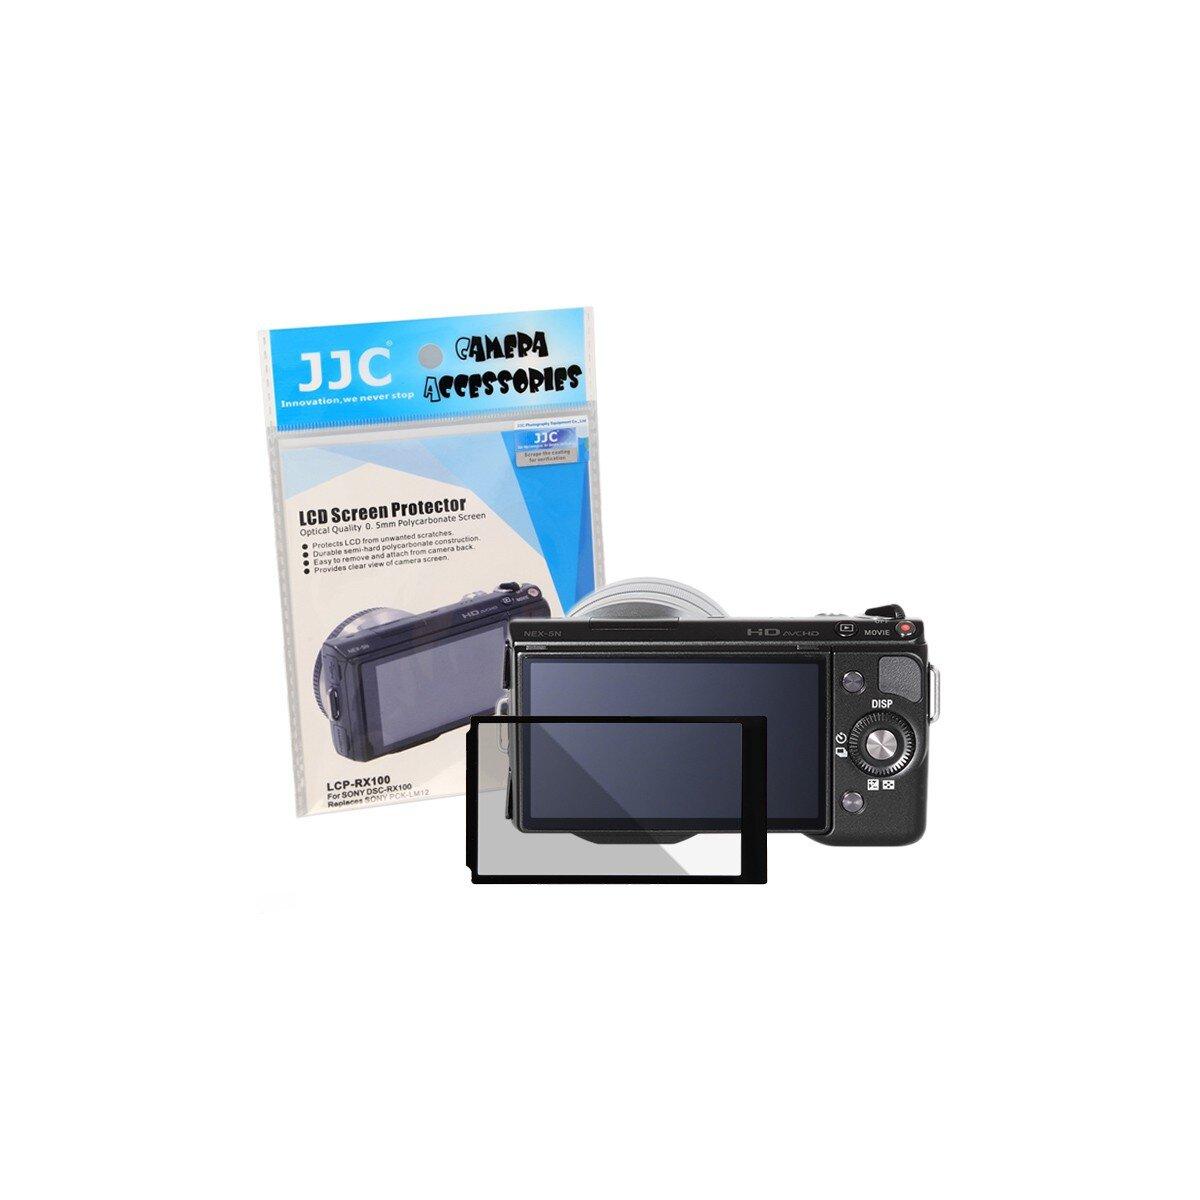 JJC Displayschutzfolie Screen Protector Kratzschutz passgenau kompatibel mit Sony DCR-RX100, DCR-RX100 II und DCR-RX100 III - ersetzt SONY PCK-LM12